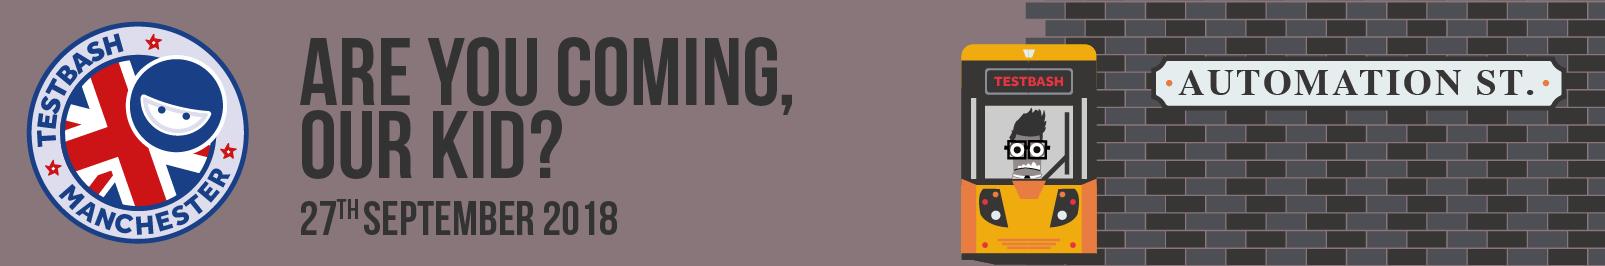 Testbash manchester 2018 dojo event banner